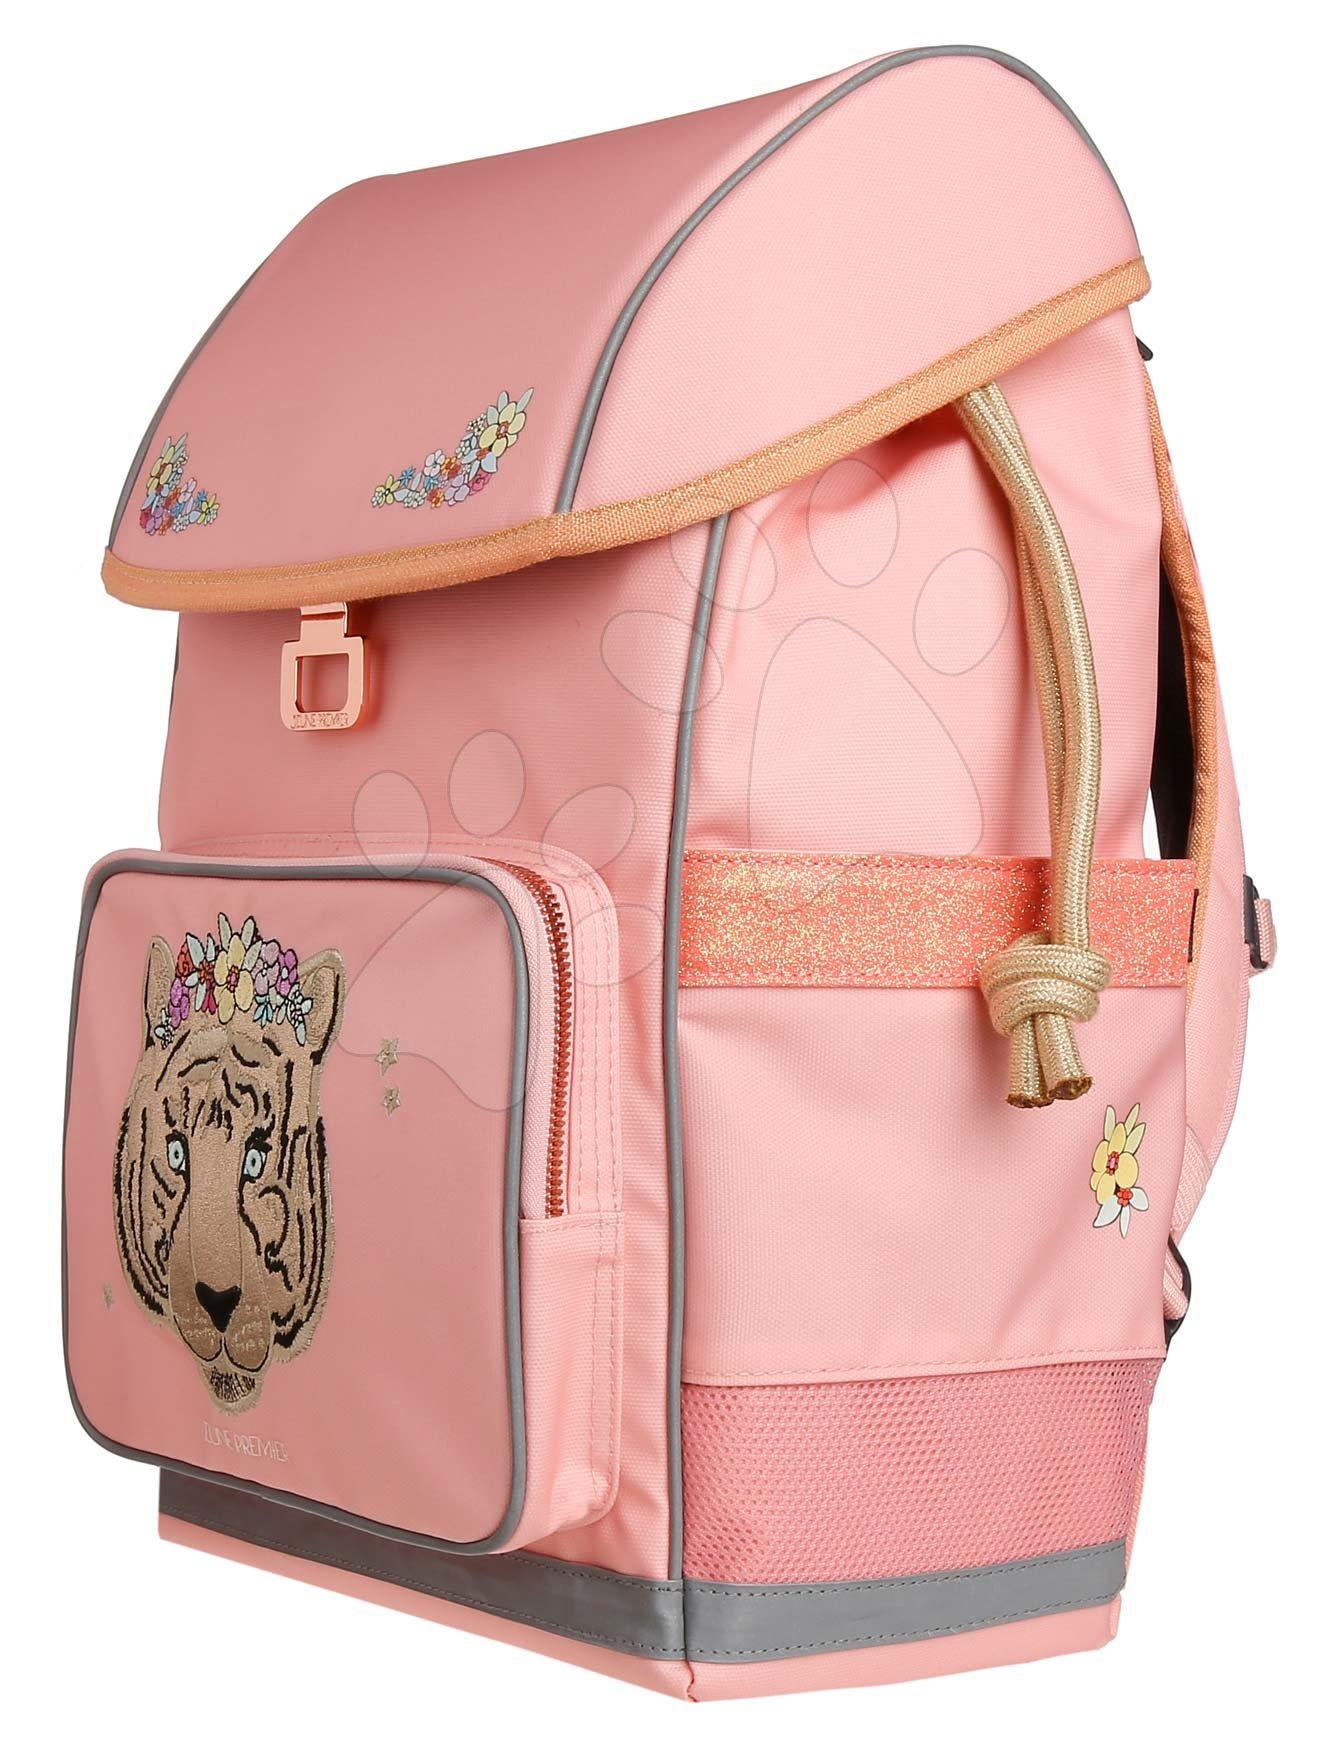 Školský batoh veľký Ergomaxx Tiara Tiger Jeune Premier ergonomický luxusné prevedenie 39*26 cm